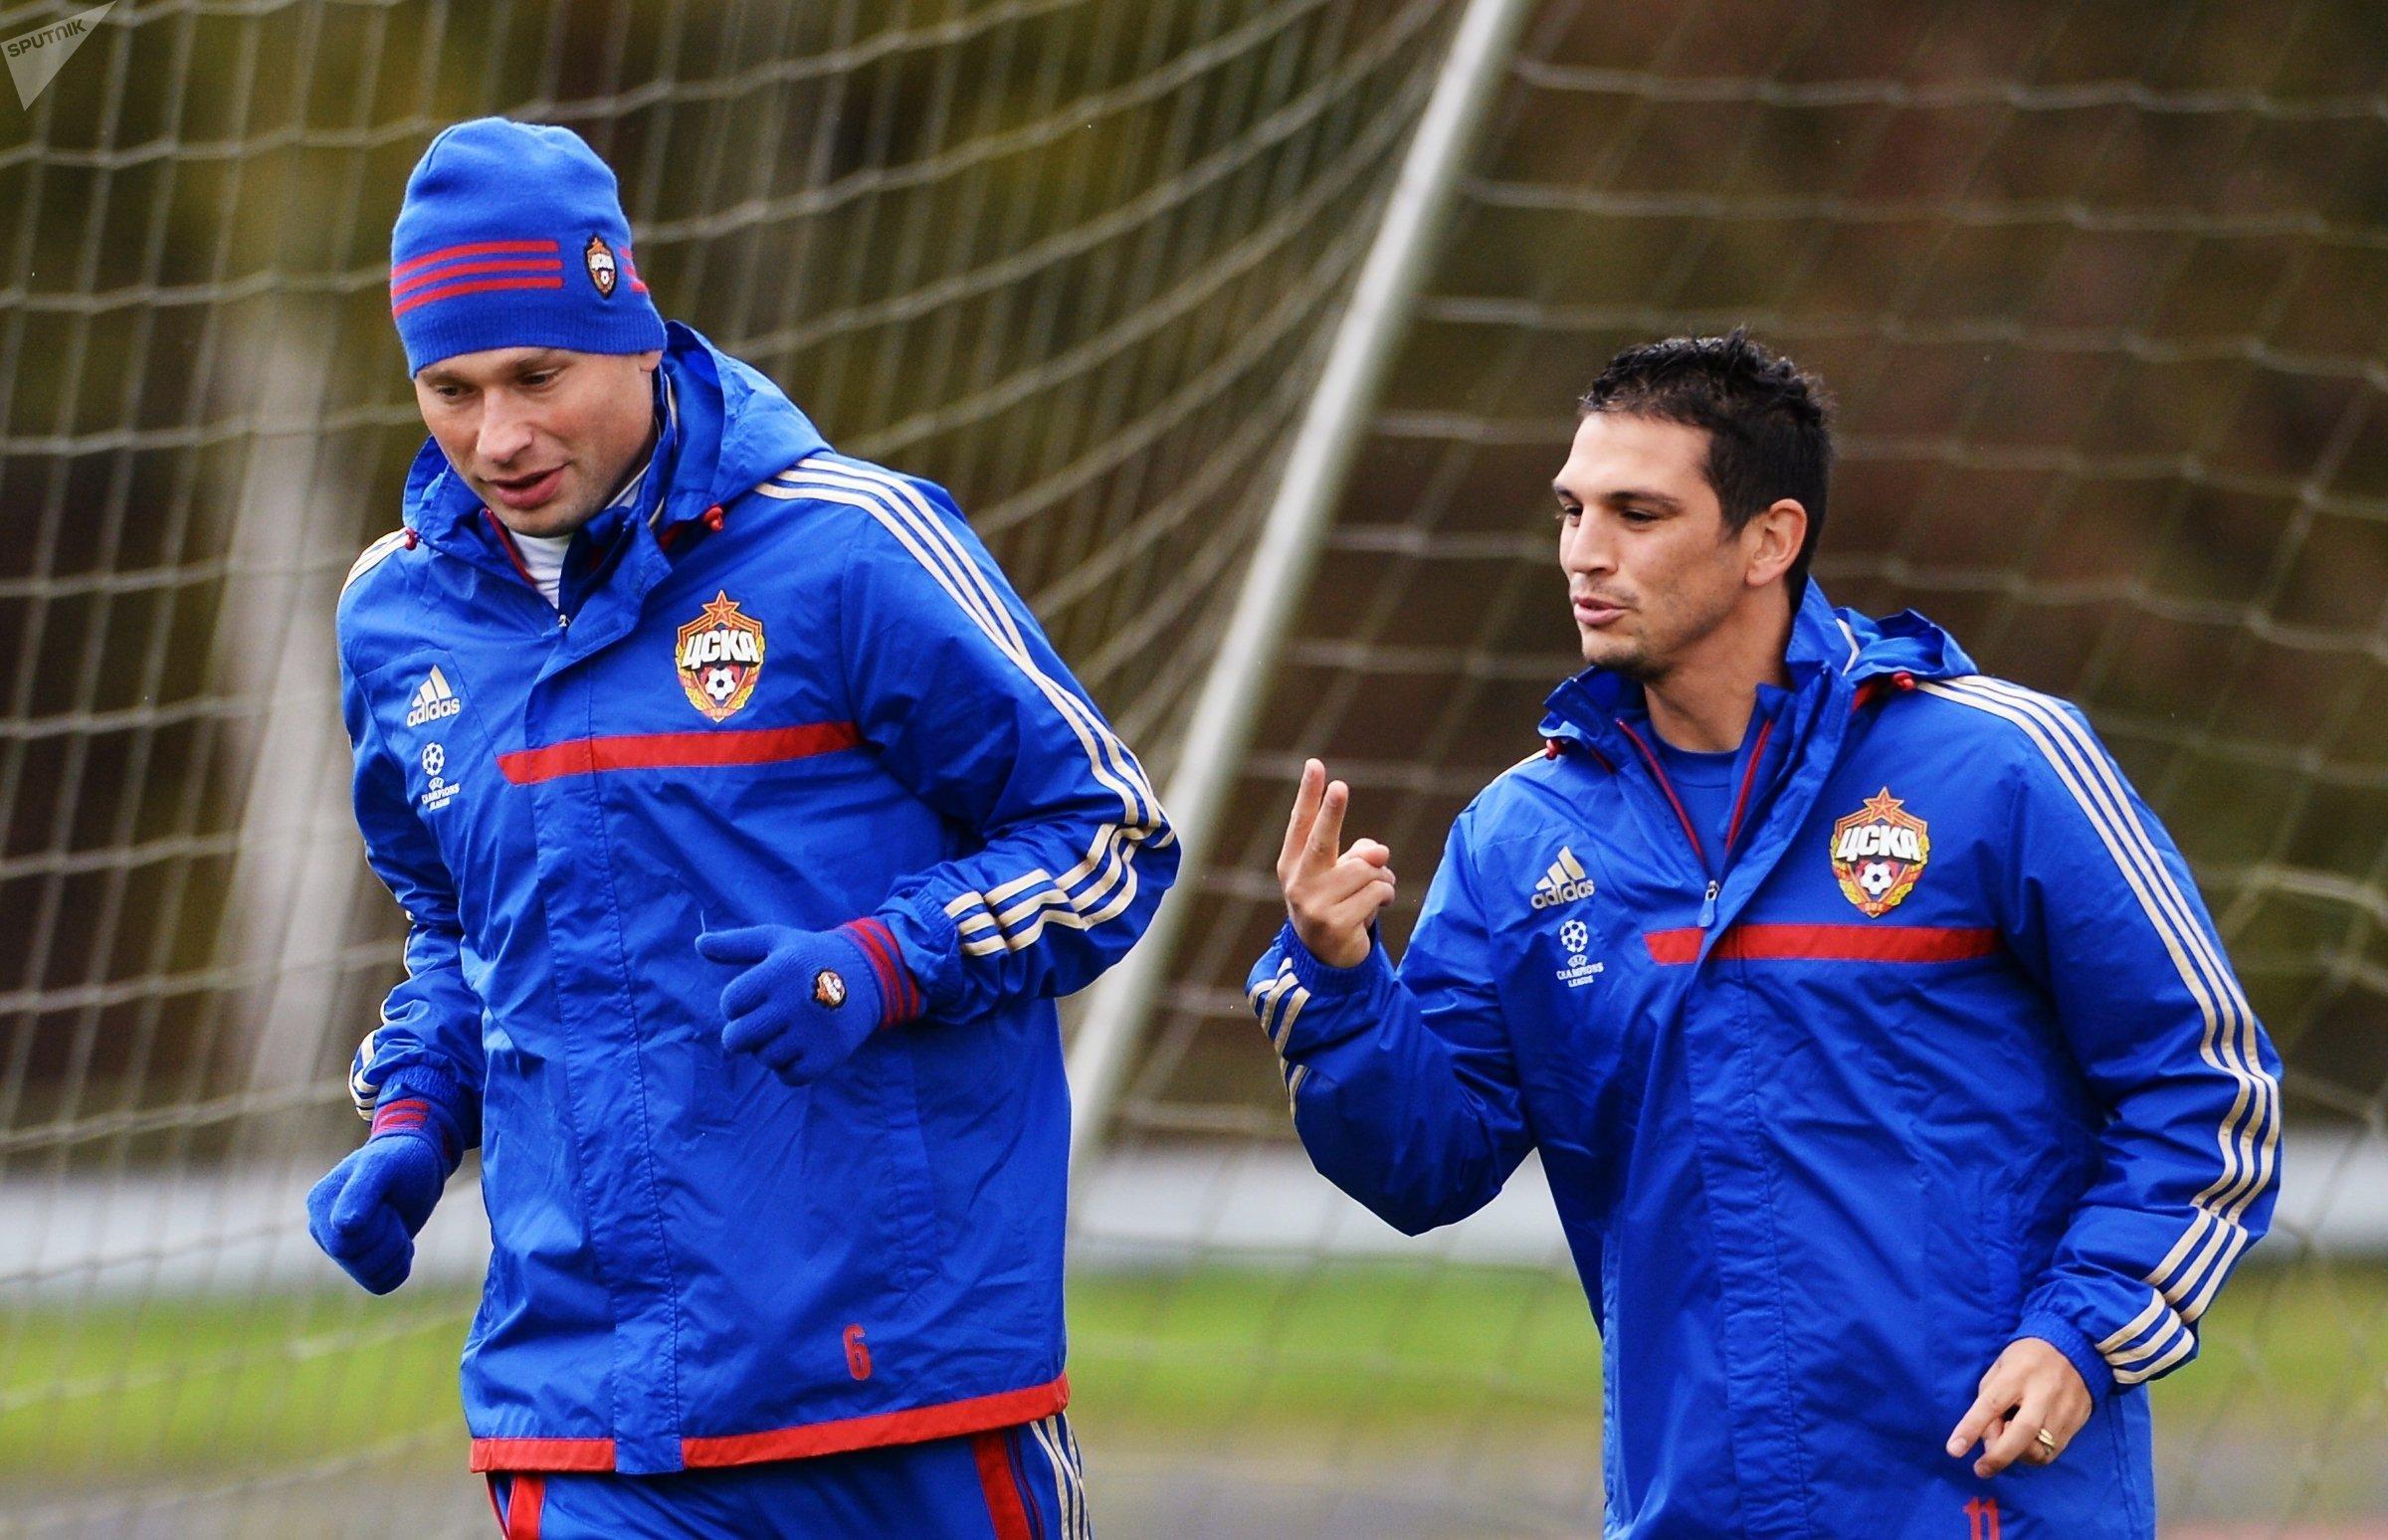 Los jugadores del PFC CSKA Aleksei Berezutsky y Mark González